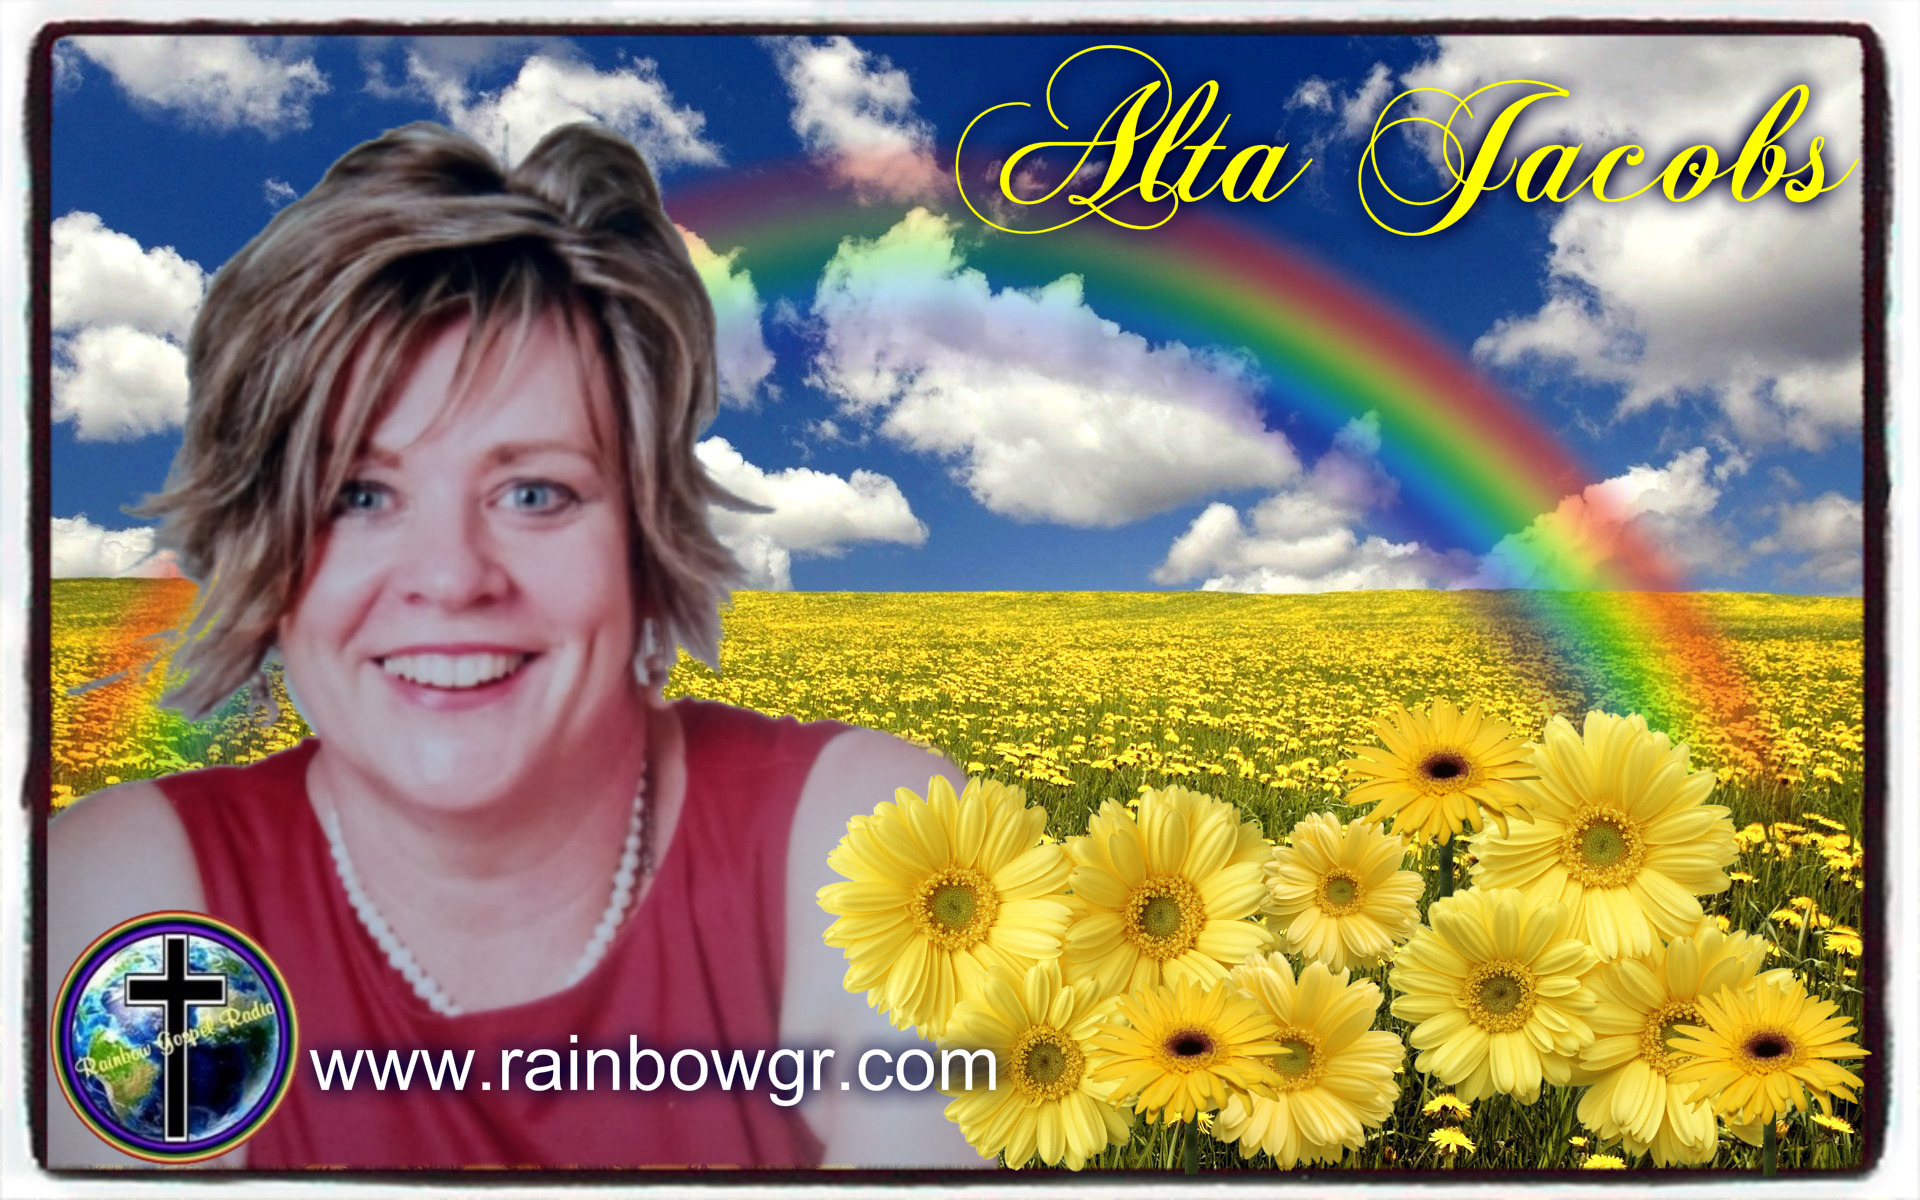 Alta Jacobs